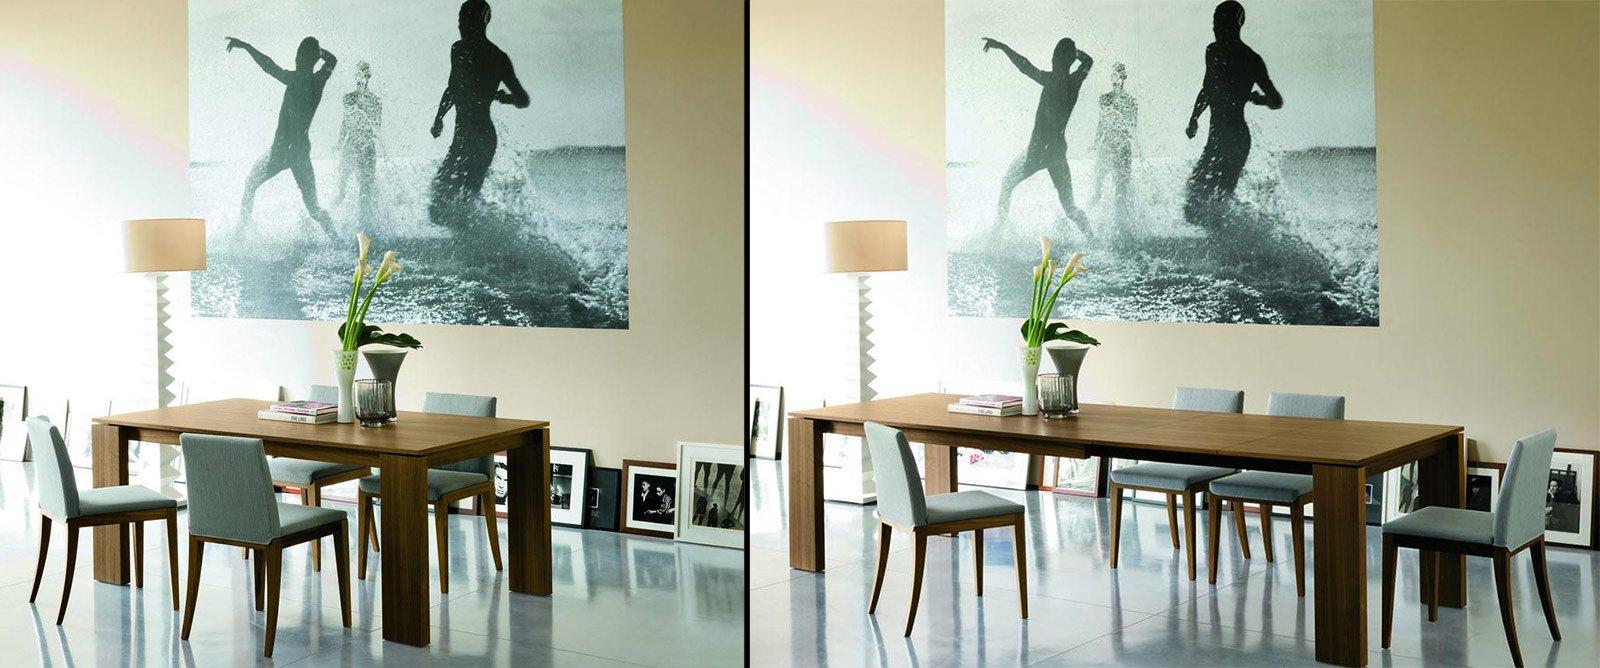 Tavoli rustici la casa di tradizione: tavoli soggiorno moderni ...